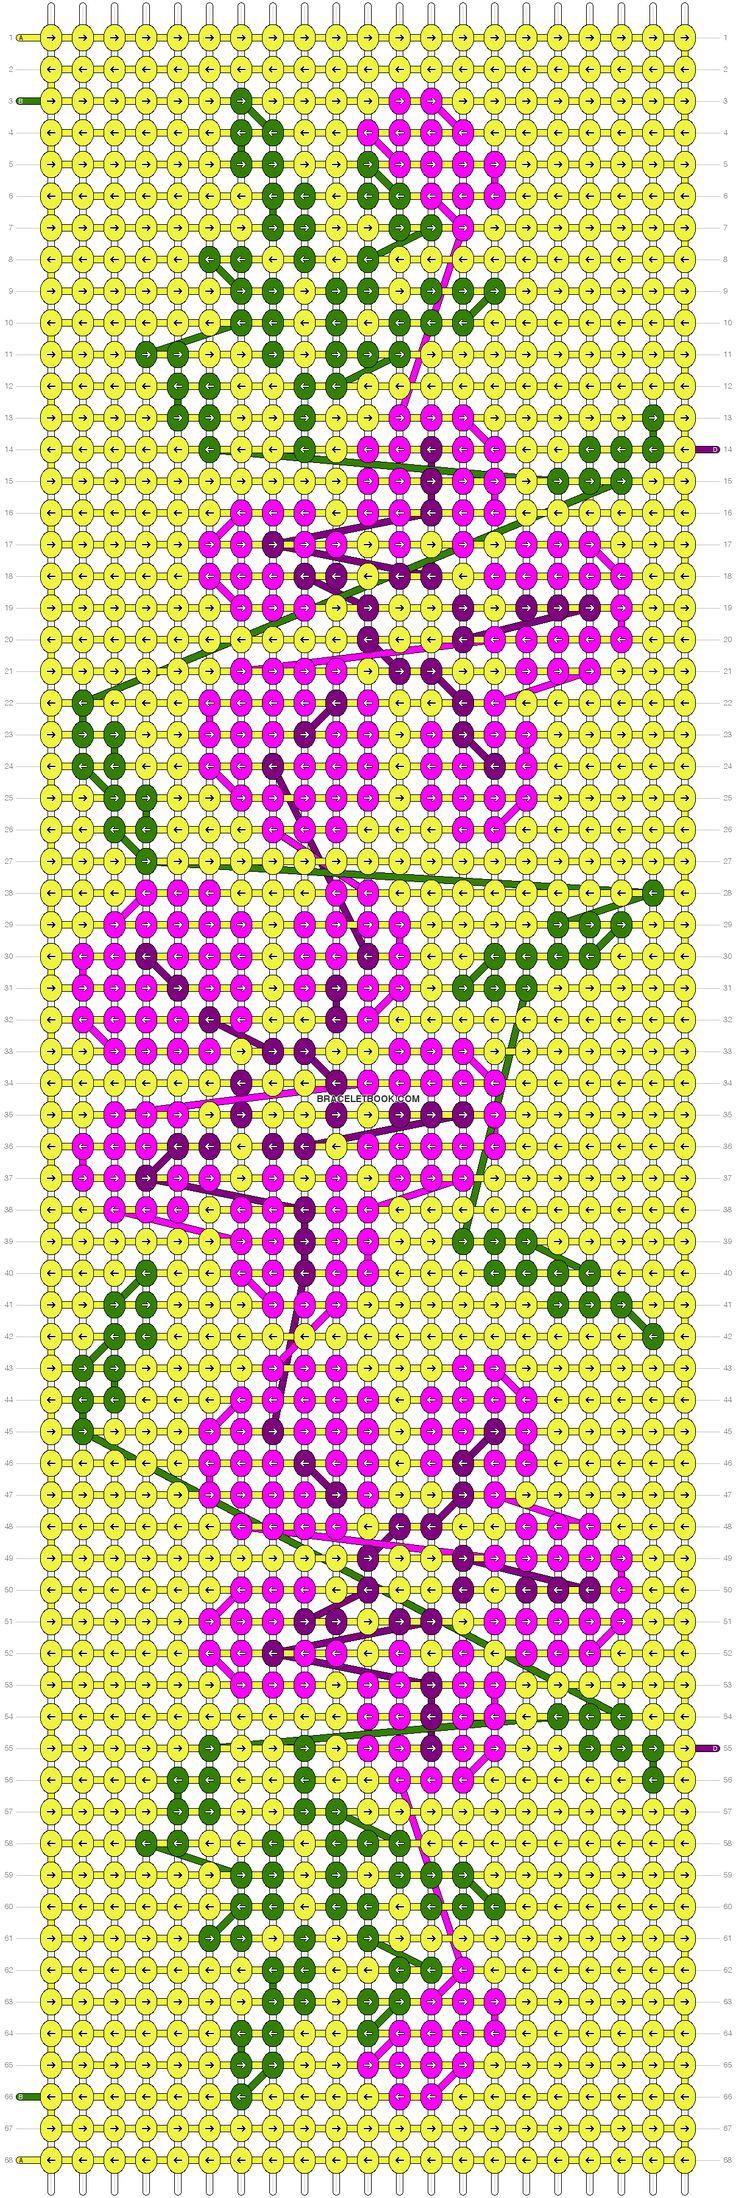 Alpha Friendship Bracelet Pattern #10346 - BraceletBook.com